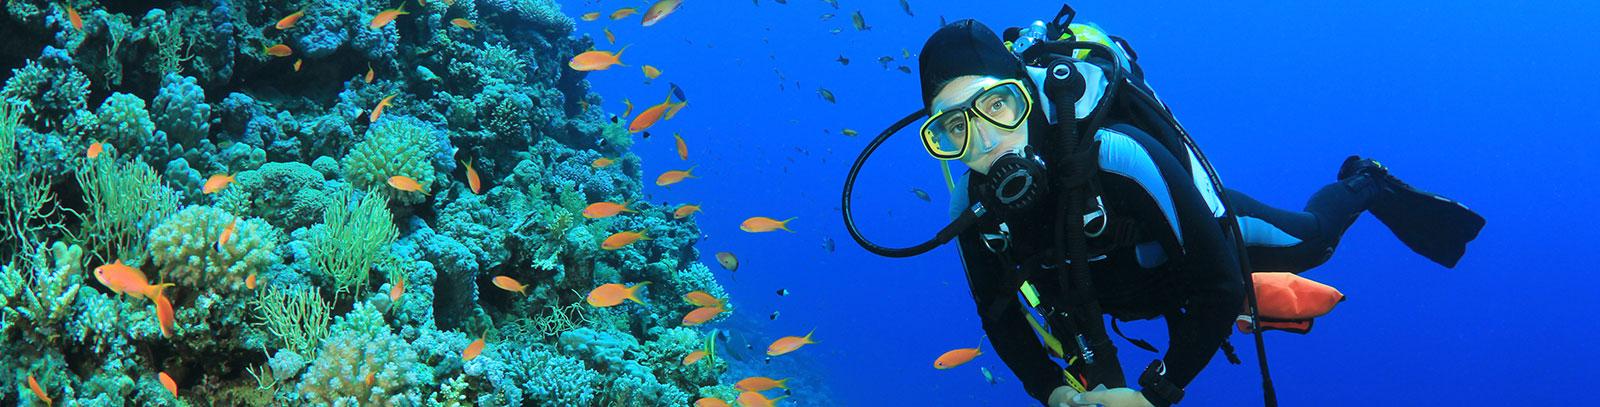 Isla de Coral (Coral Island) at Rincon de Guayabitos